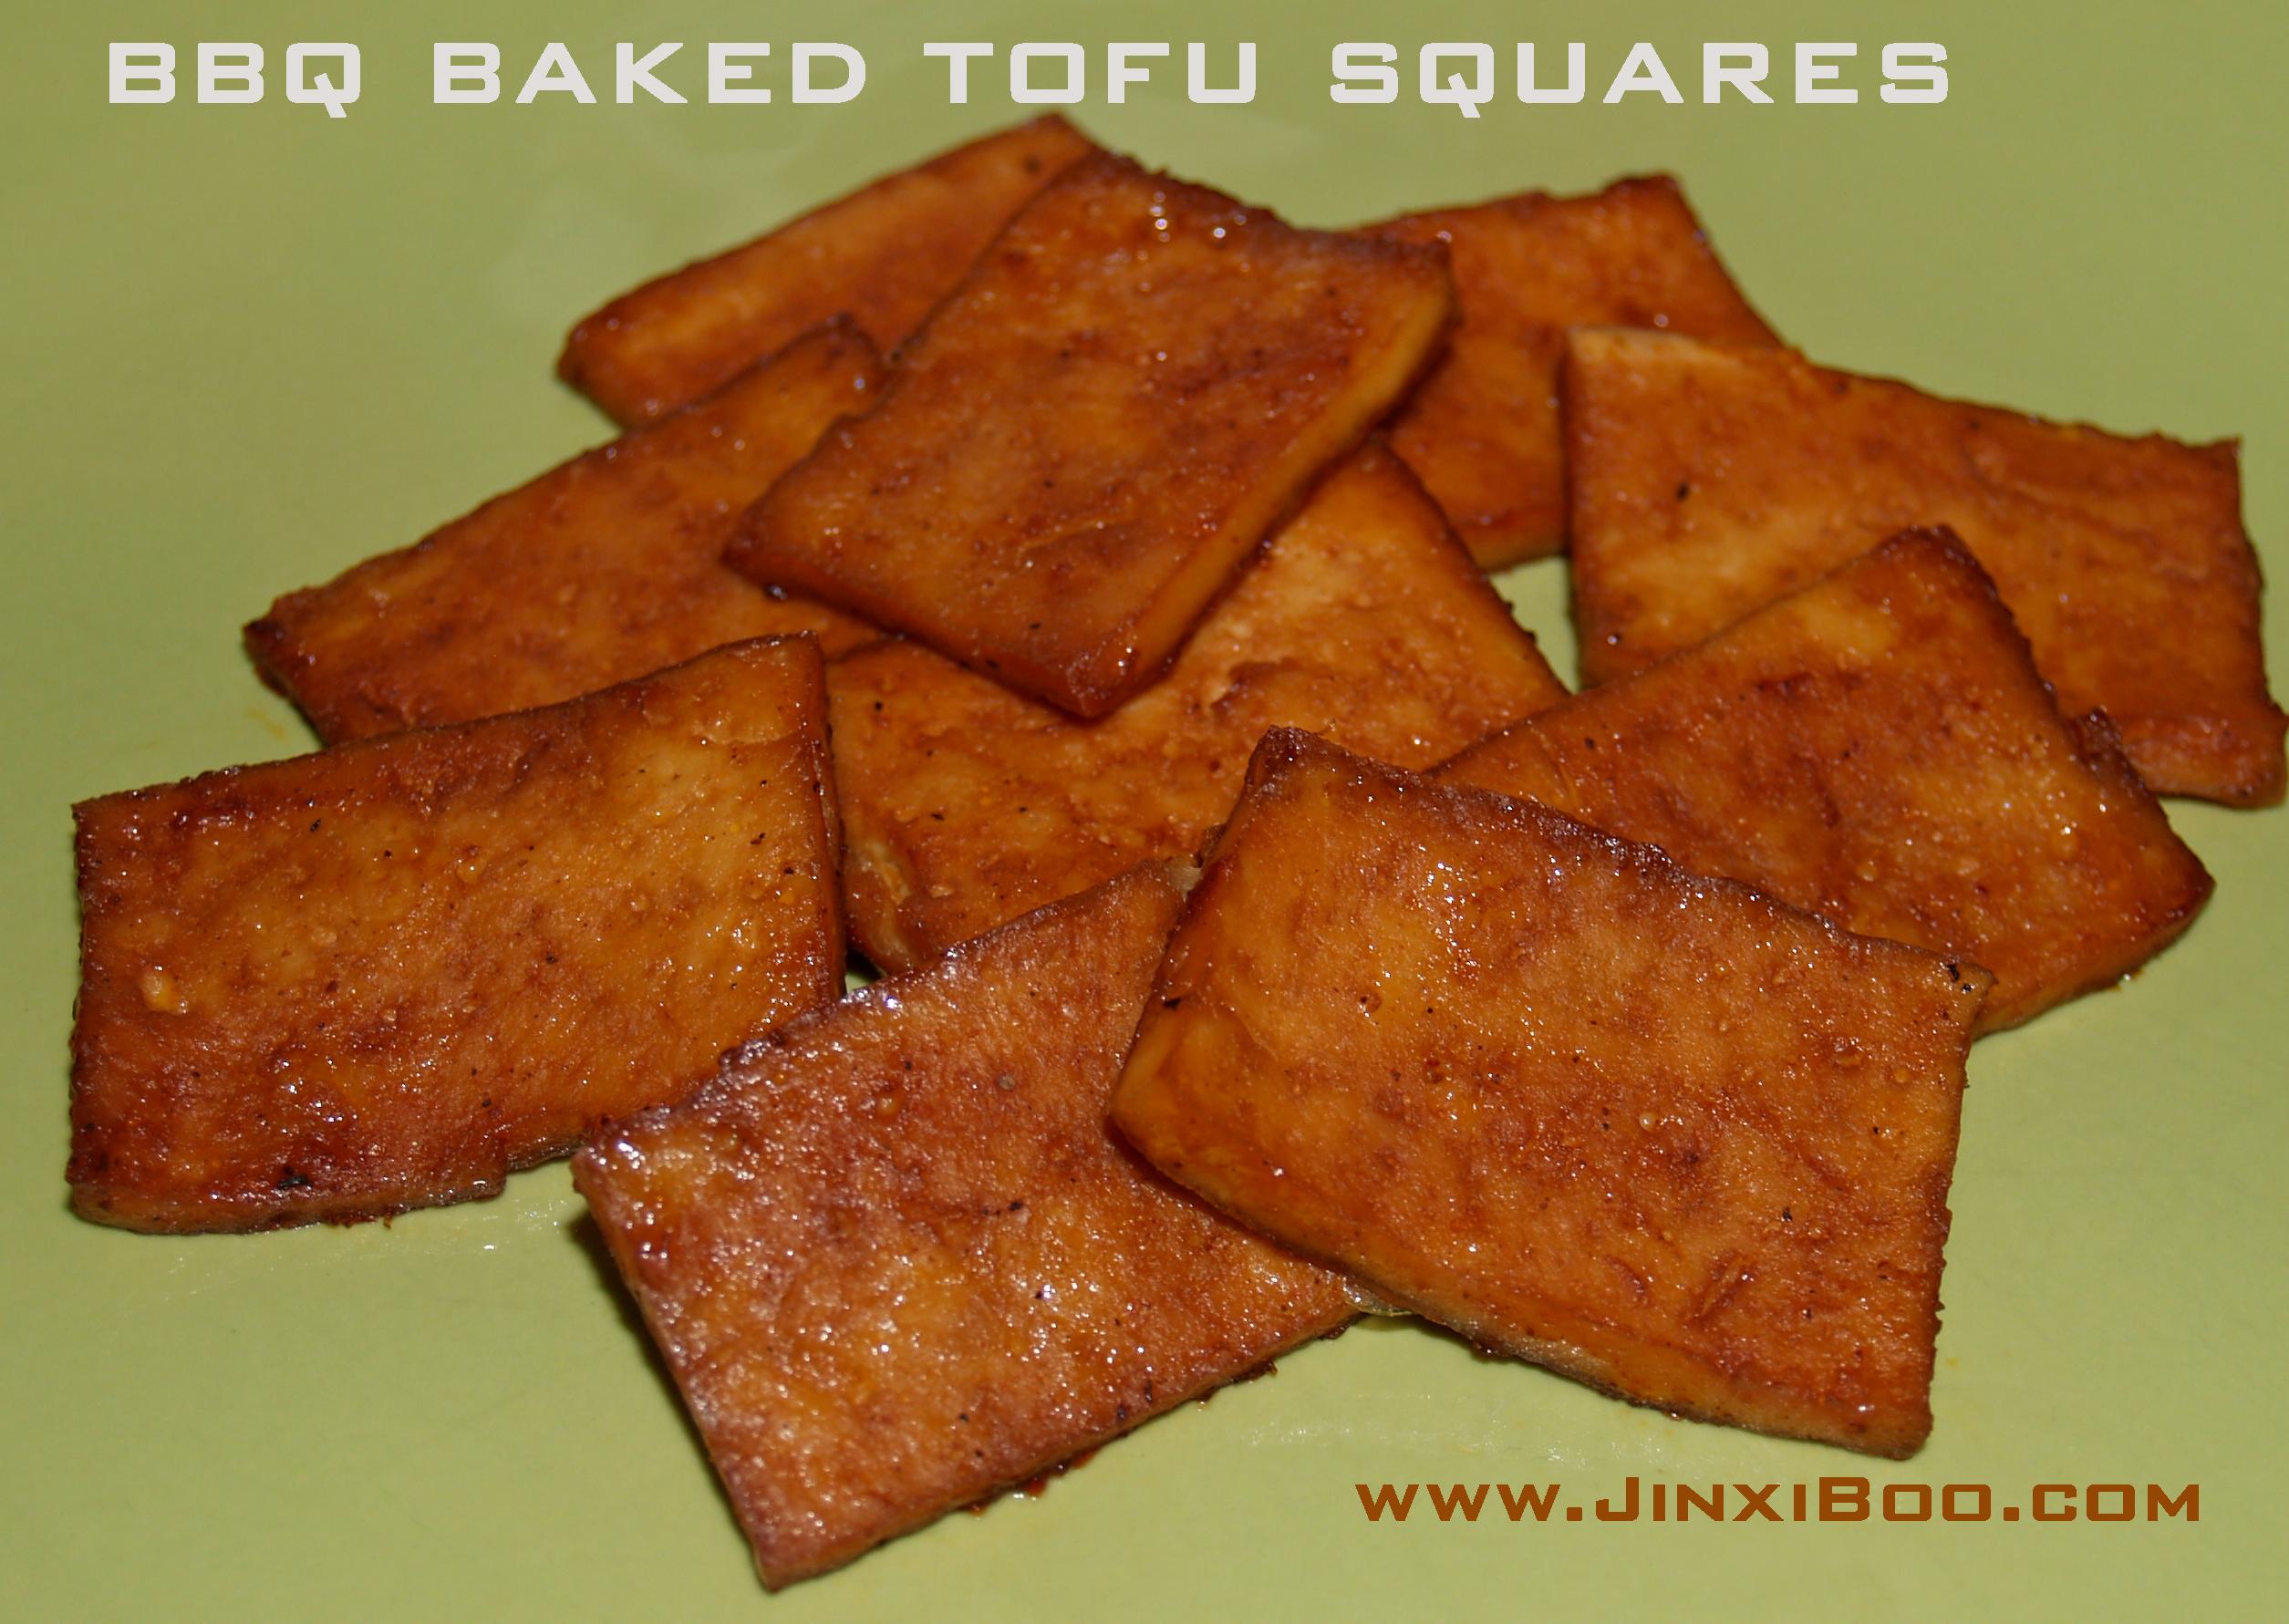 Oven Baked BBQ Barbecue Tofu Easy Recipe - Jinxi Boo - Jinxi Boo